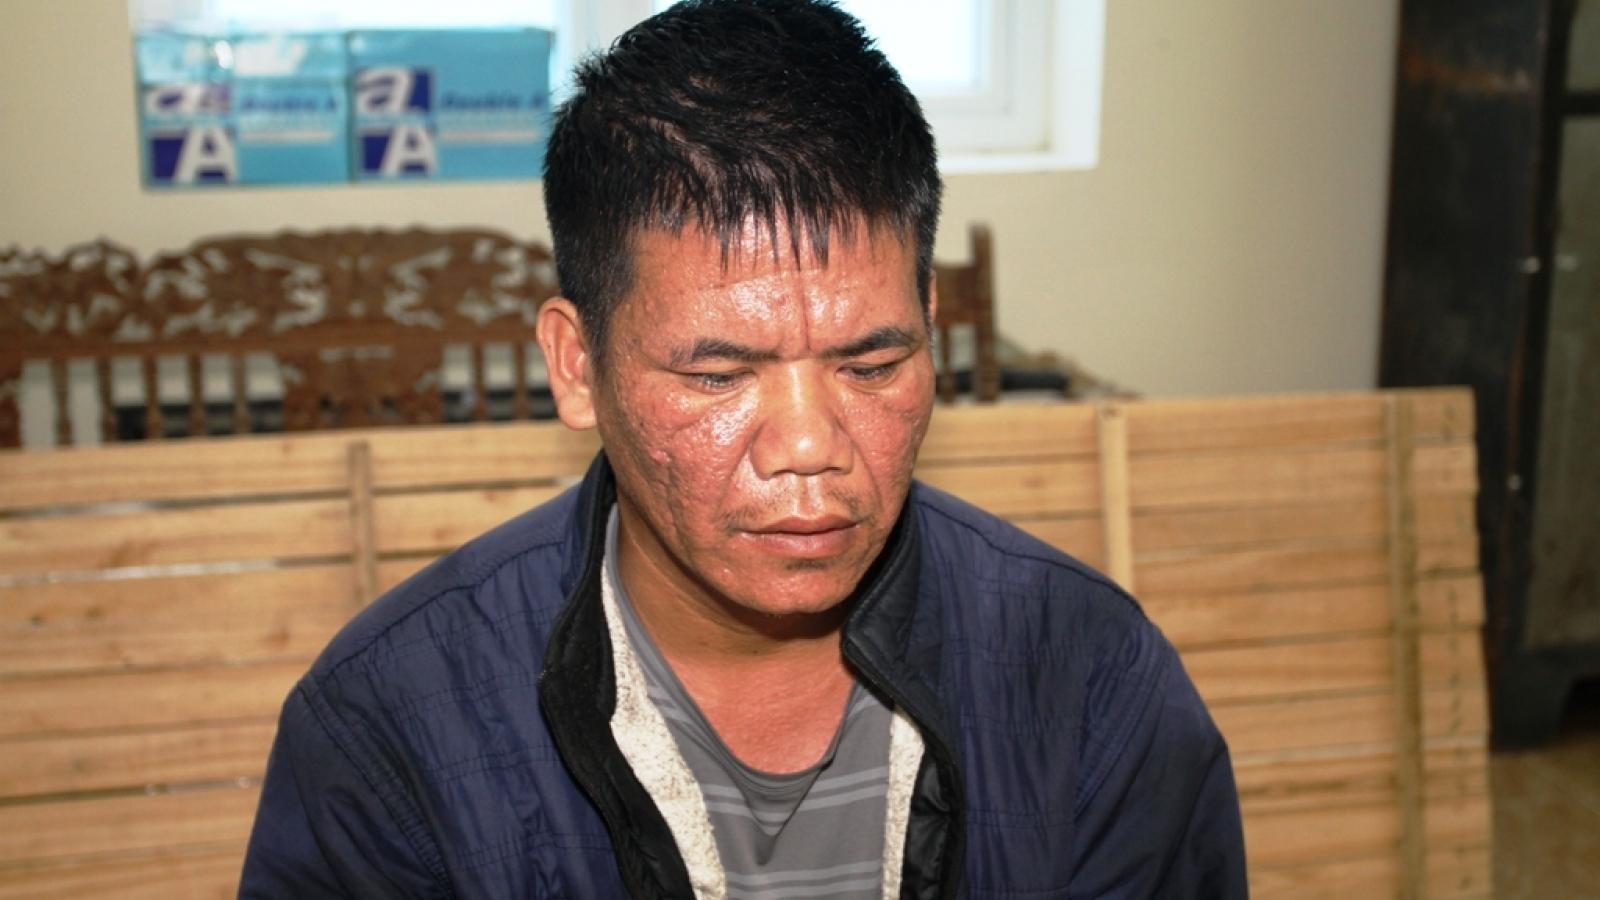 Kẻ hiếp dâm rồi sát hại thiếu nữ ở Yên Bái bị bắt